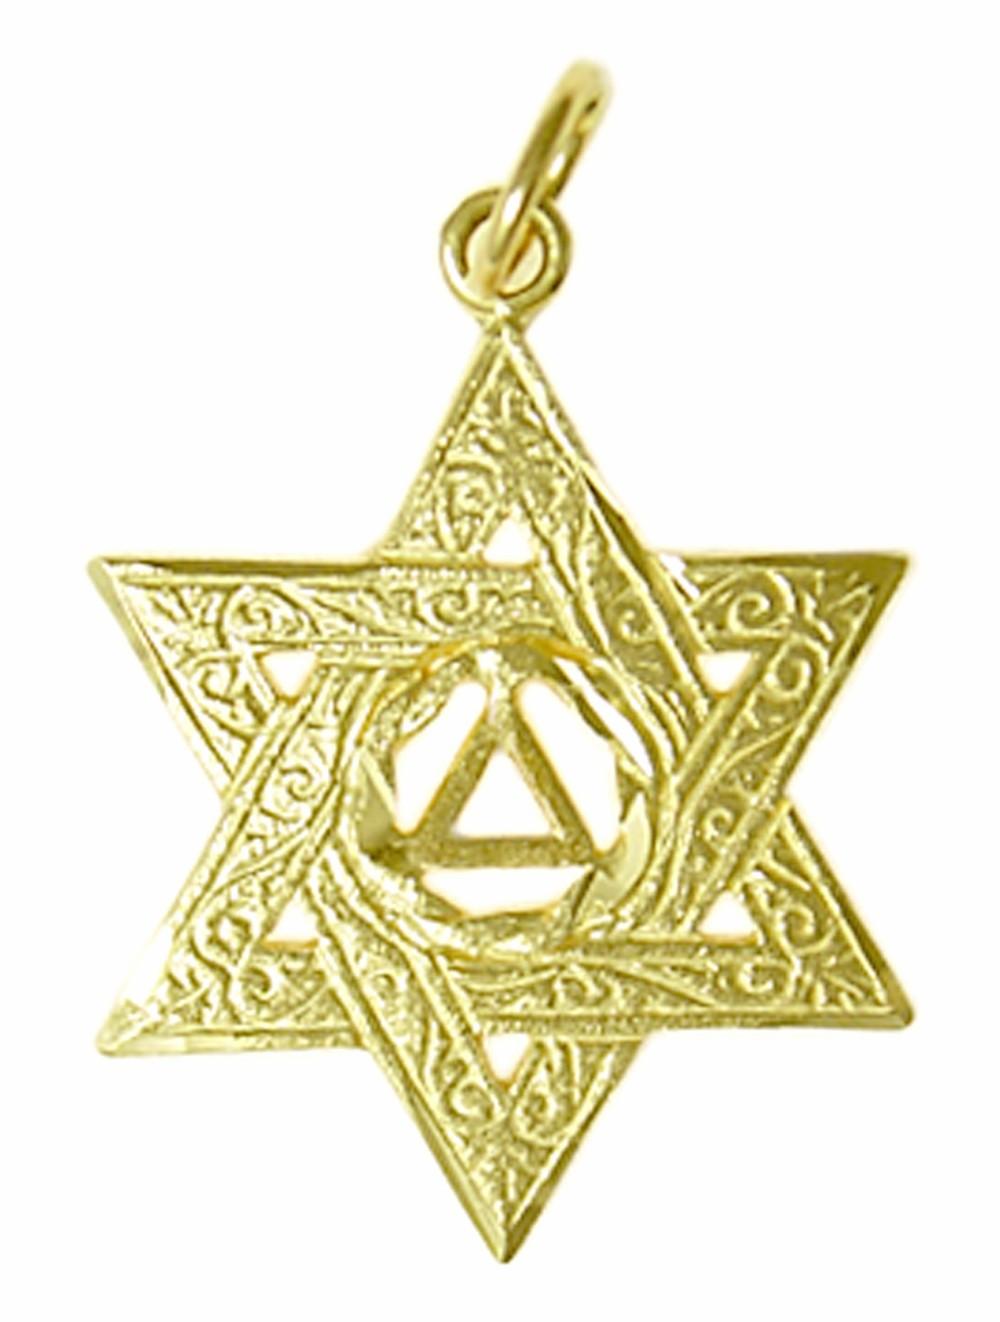 Star Of Bethlehem Flower Control - Getting Rid Of Star Of